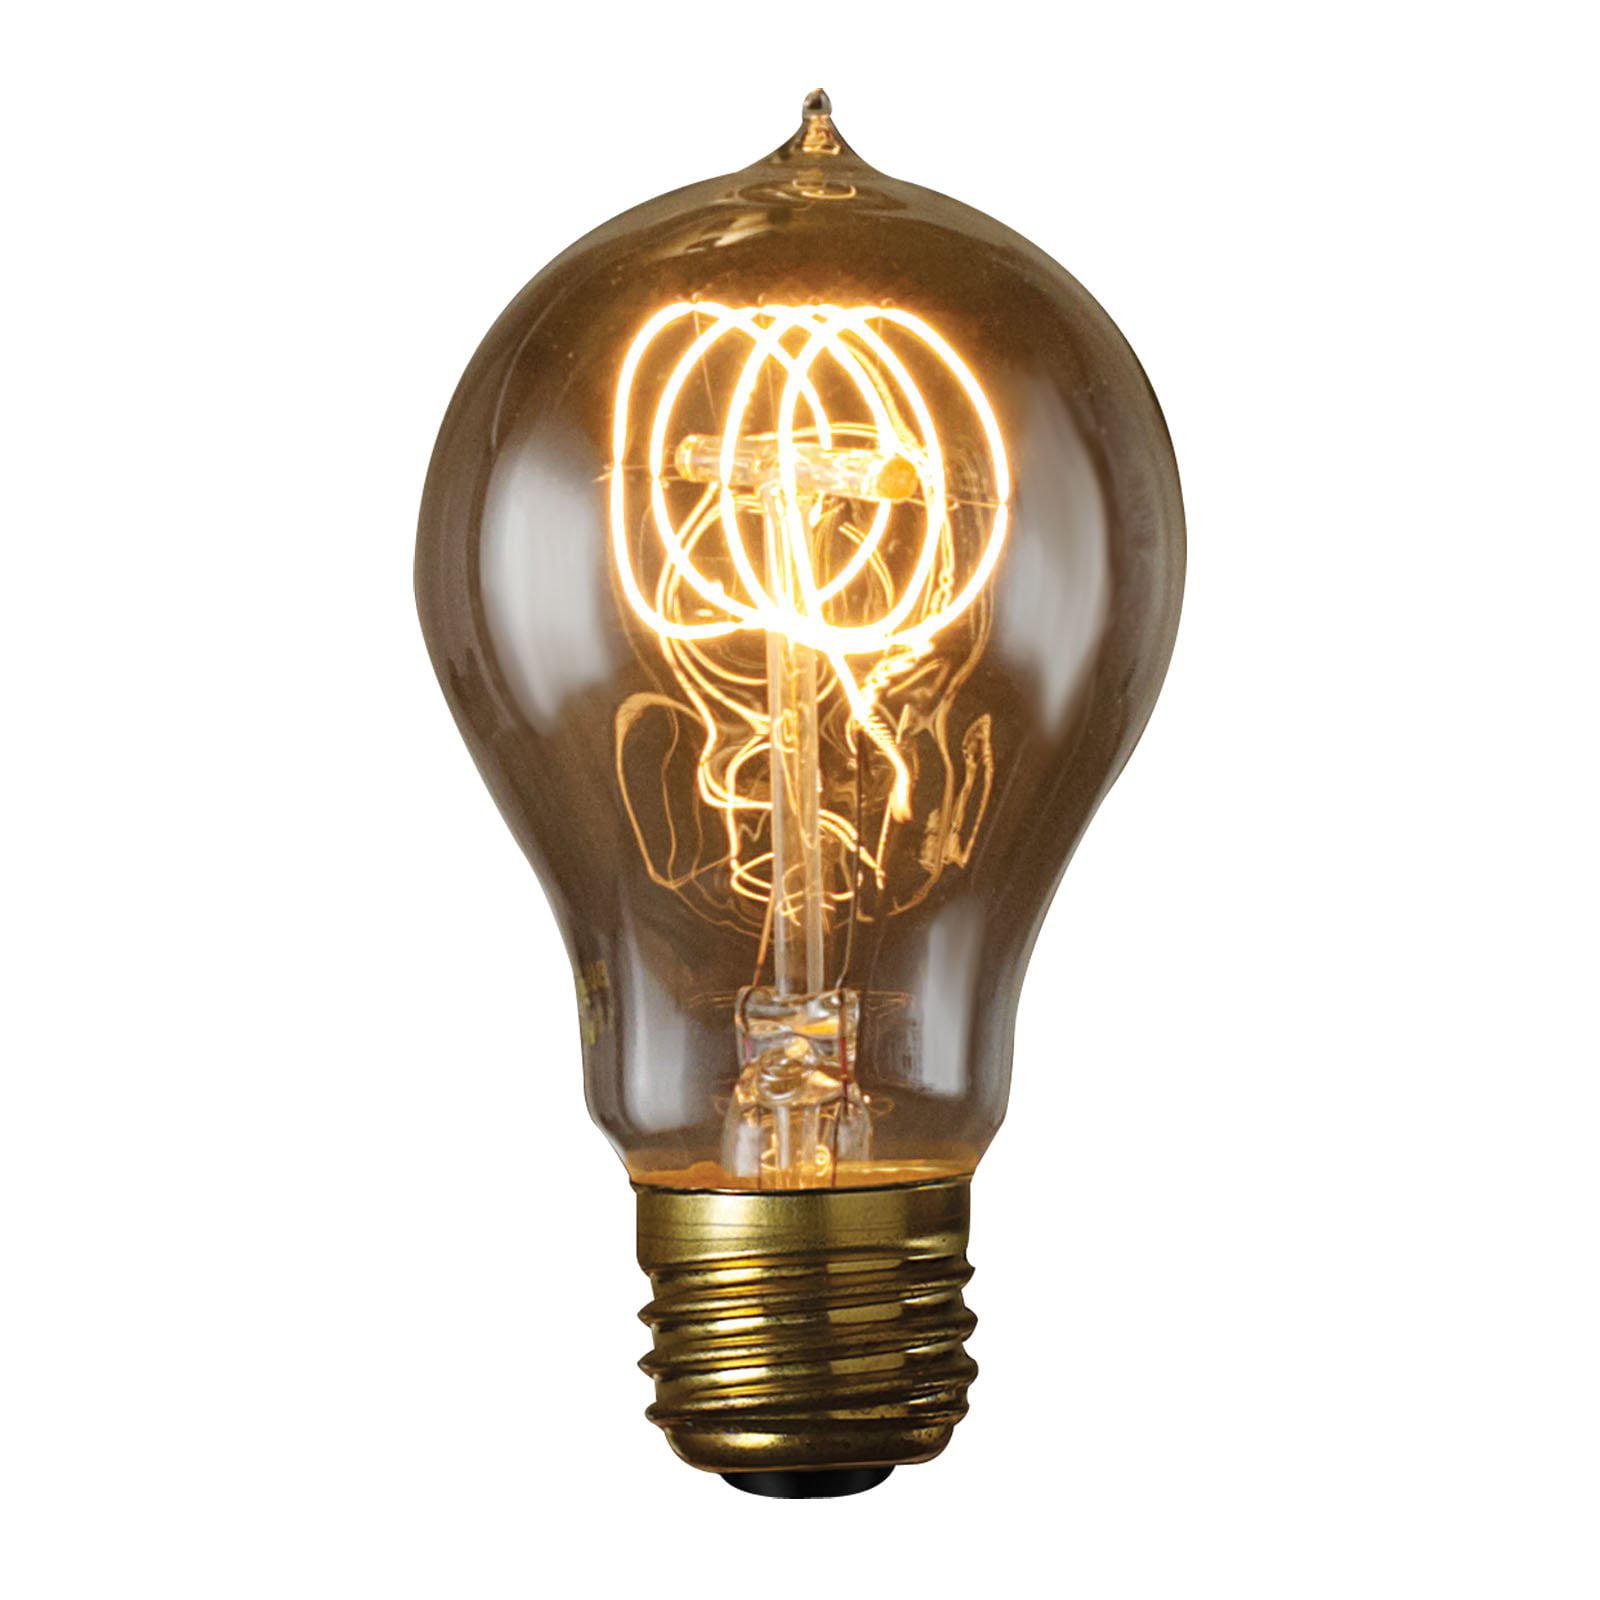 Bulbrite 60W Victorian Loop Filament A19 Incandescent Edison Light Bulb - 6 pk.